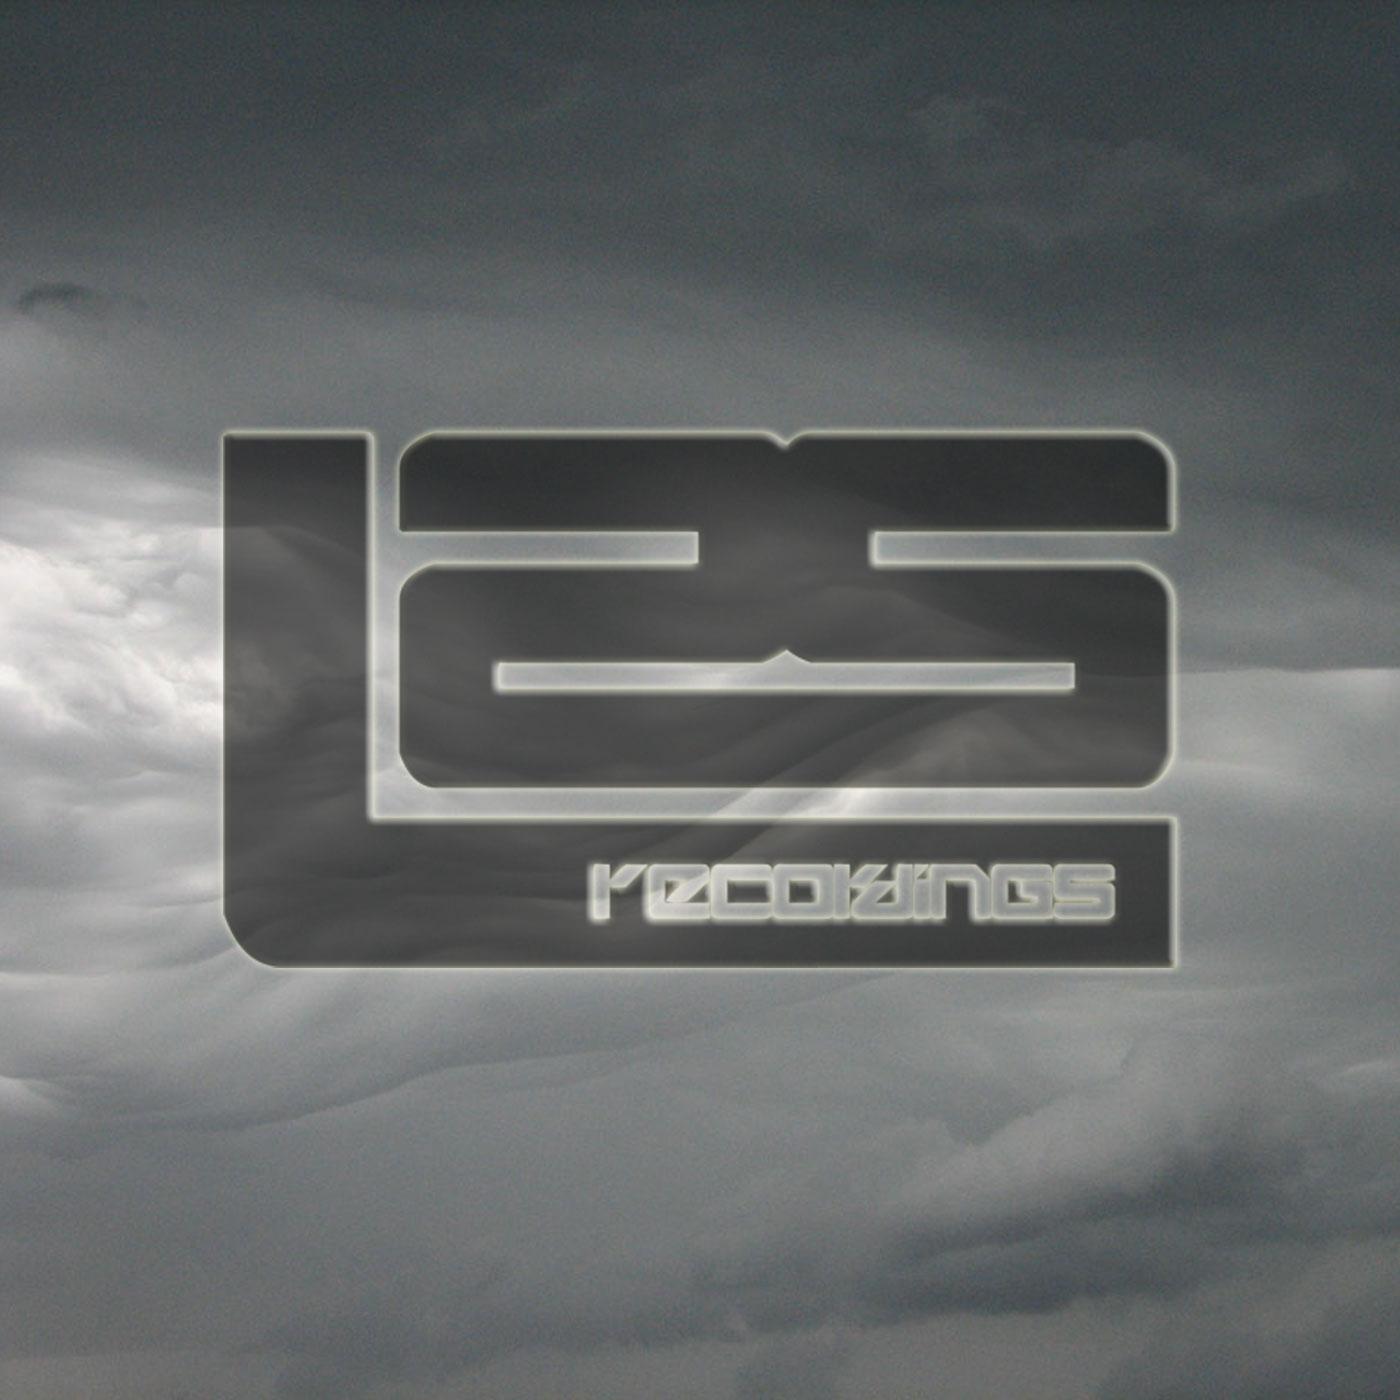 L2S079: Ollie Macfarlane - Grey Skies